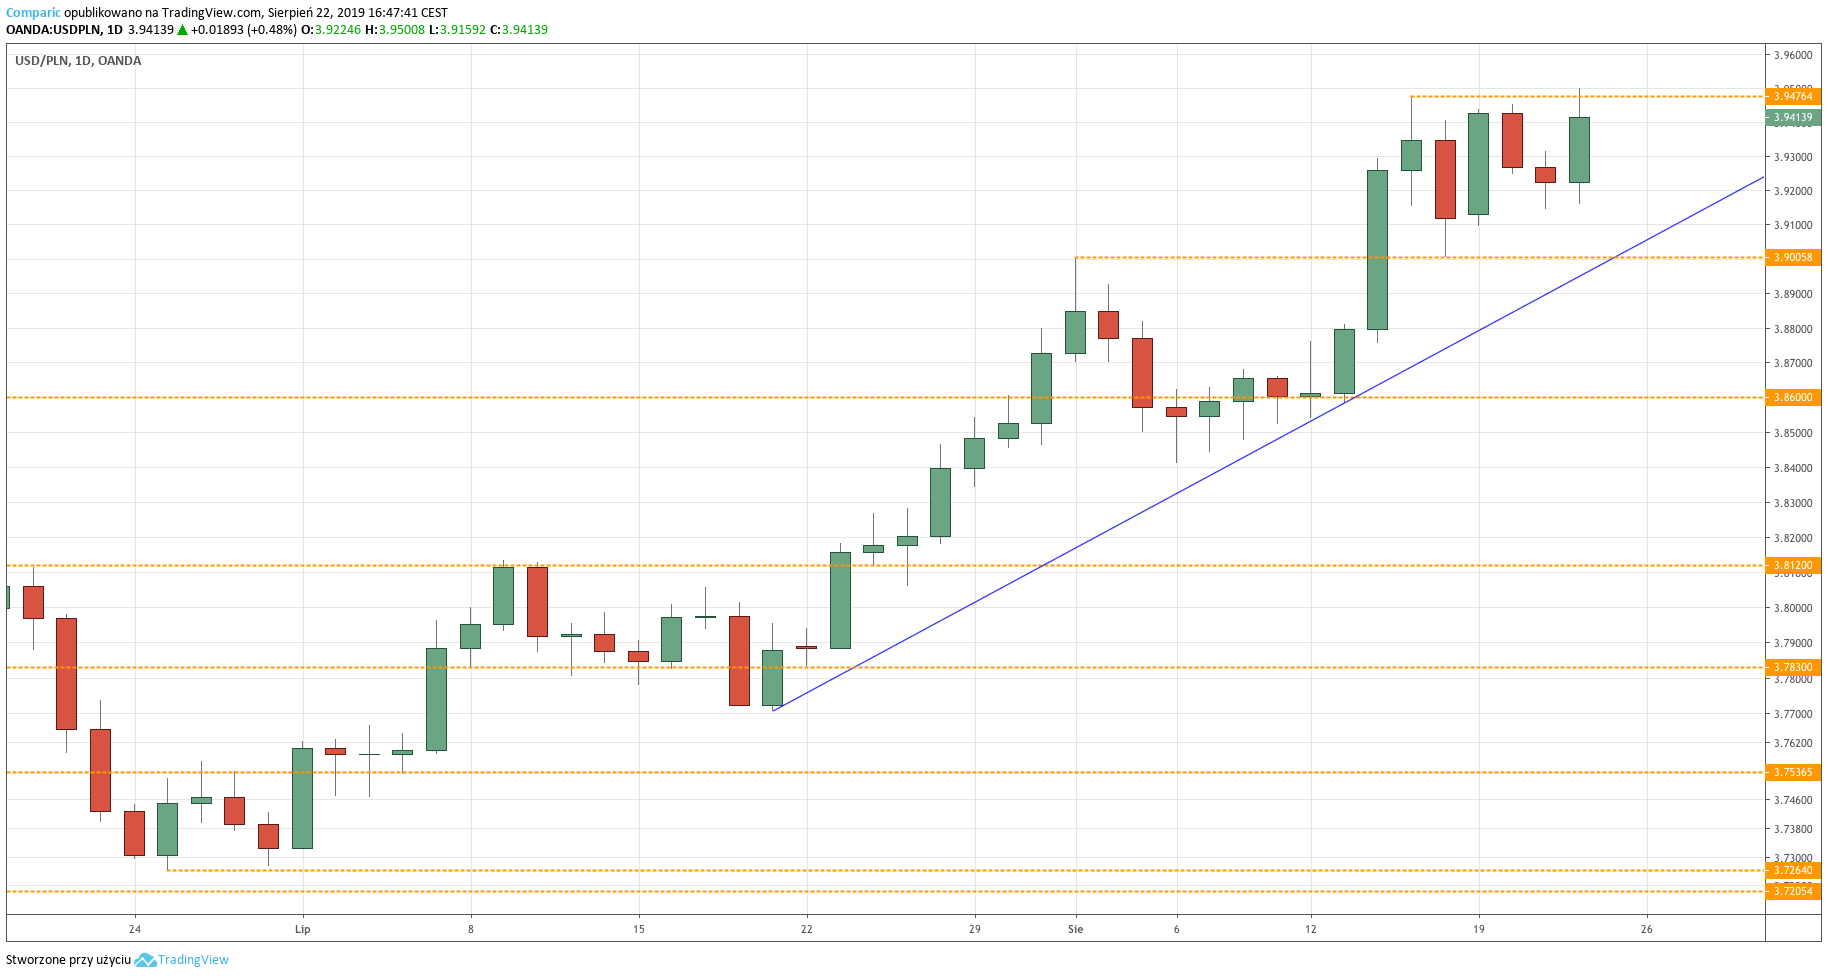 Kurs dolara do złotego (USDPLN) - wykres dzienny - 22 sierpnia 2019